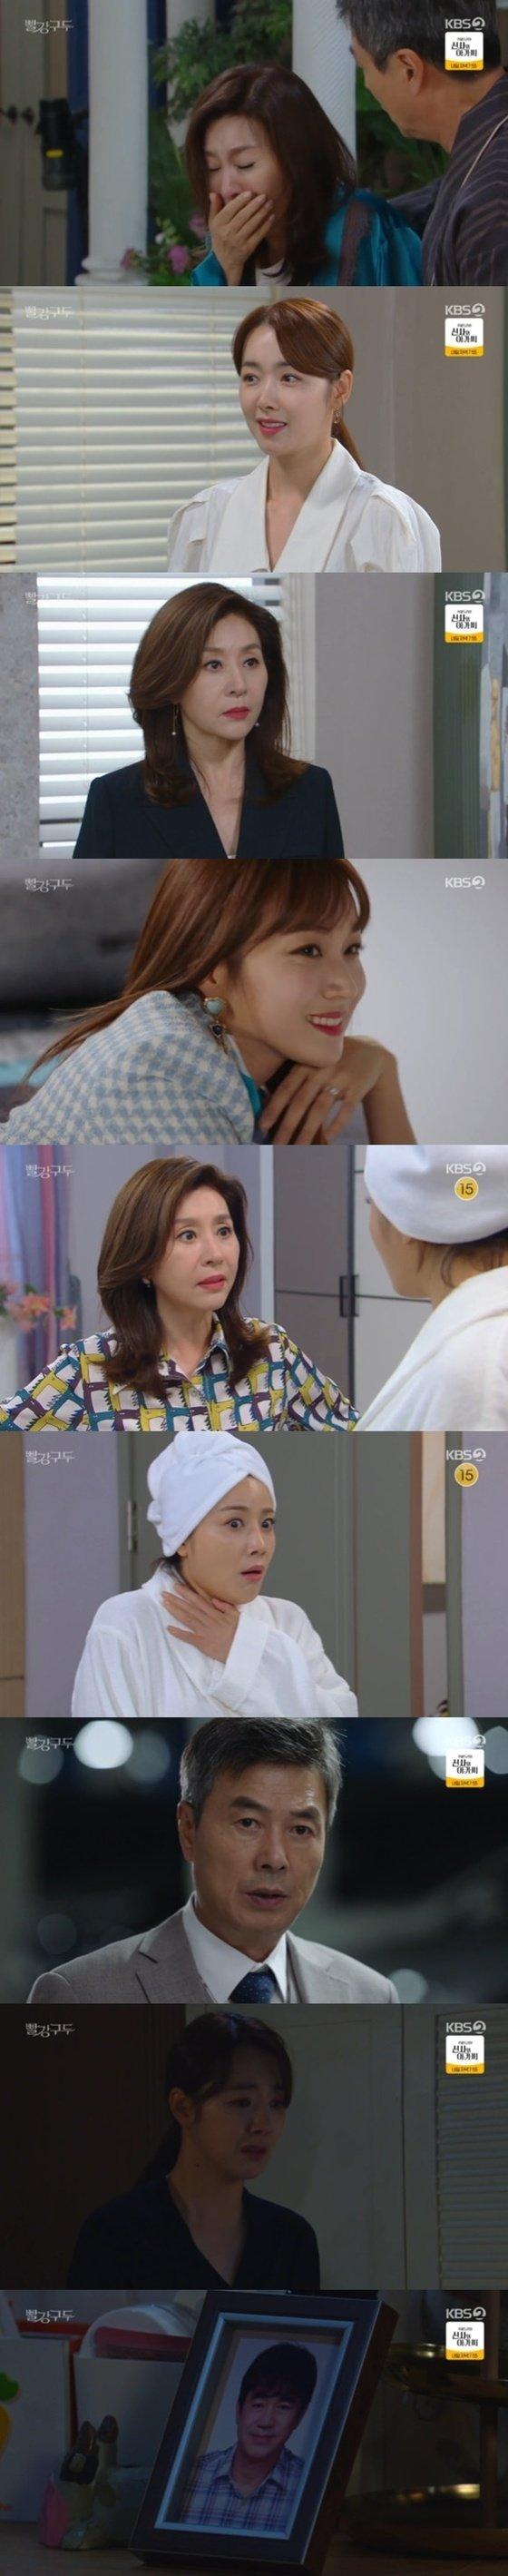 드라마 '빨강 구두' 소이현, 선우재덕 복수 실패(사진=KBS2)